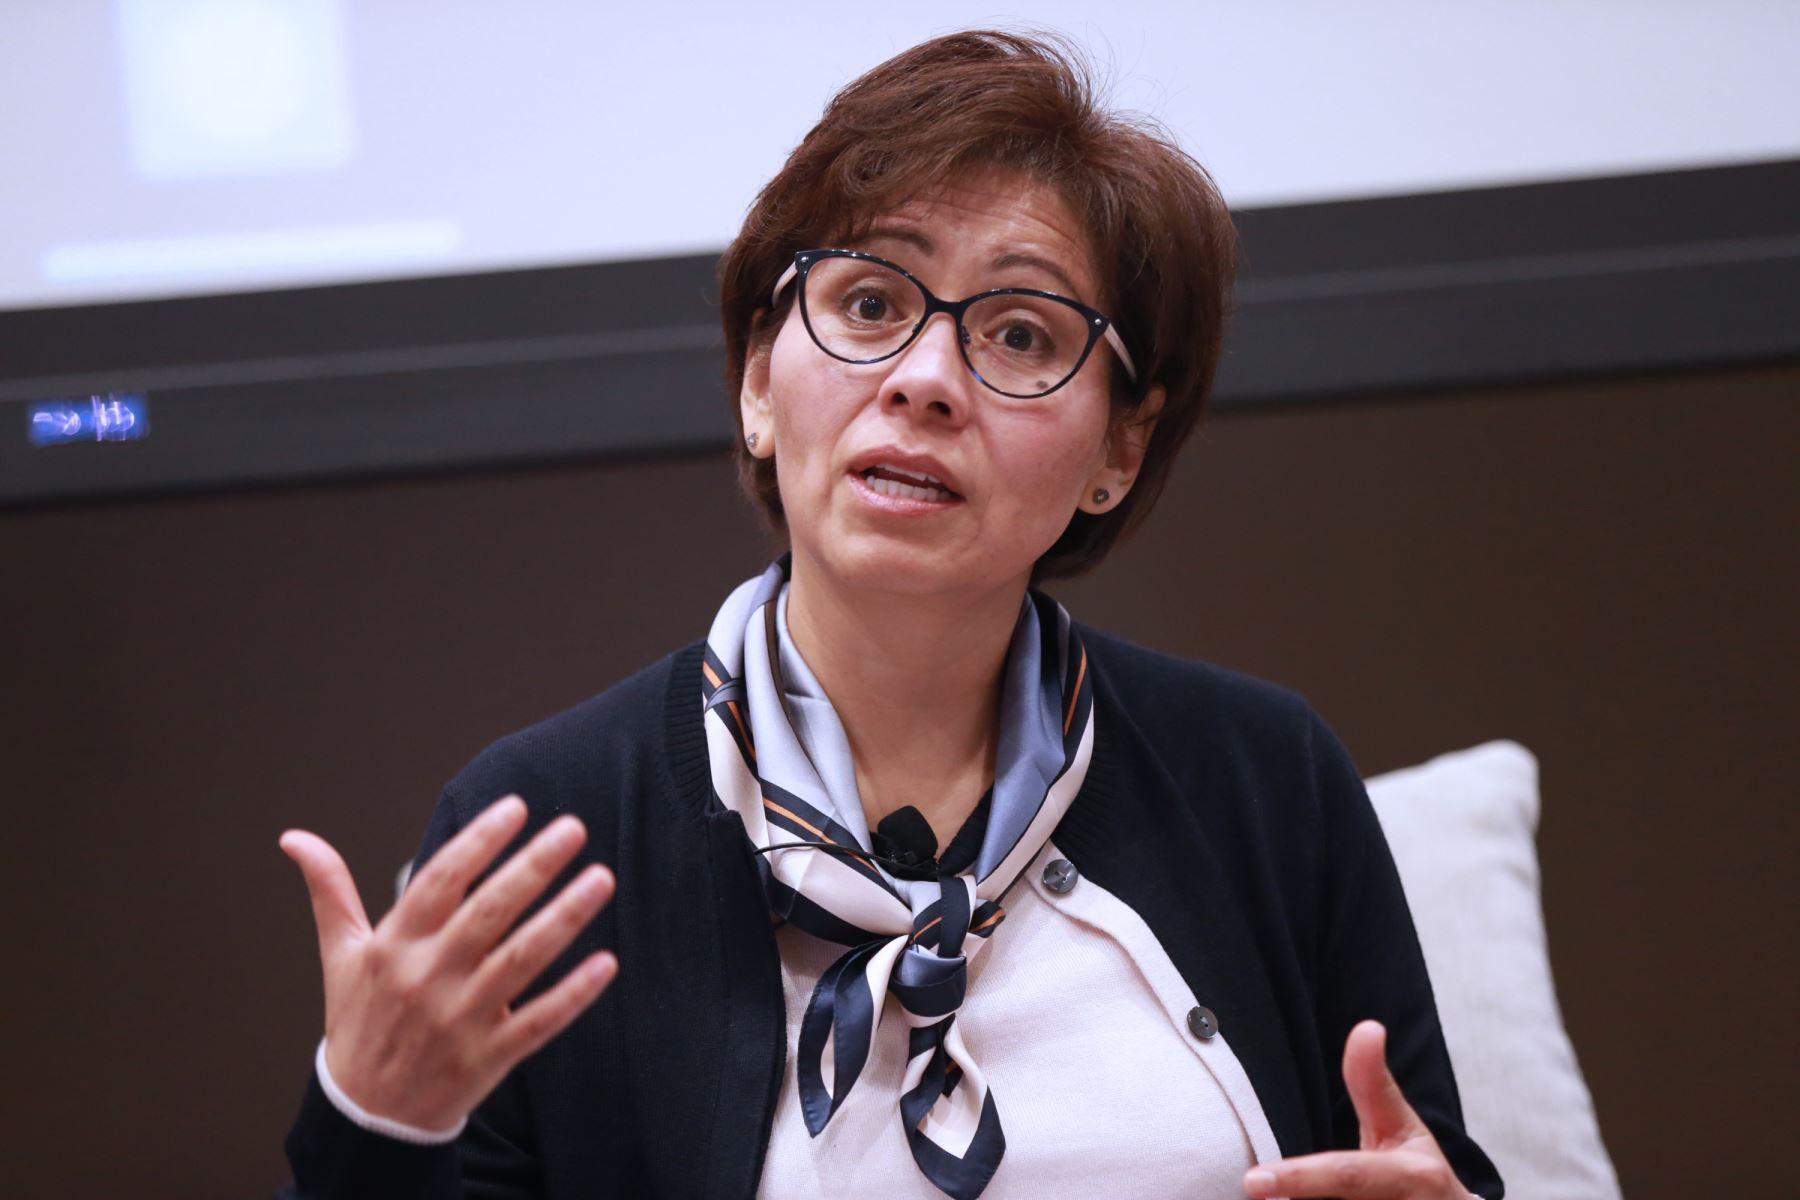 Representante del Banco Interamericano de Desarrollo (BID) en el Perú, Viviana Caro. ANDINA/Norman Córdova